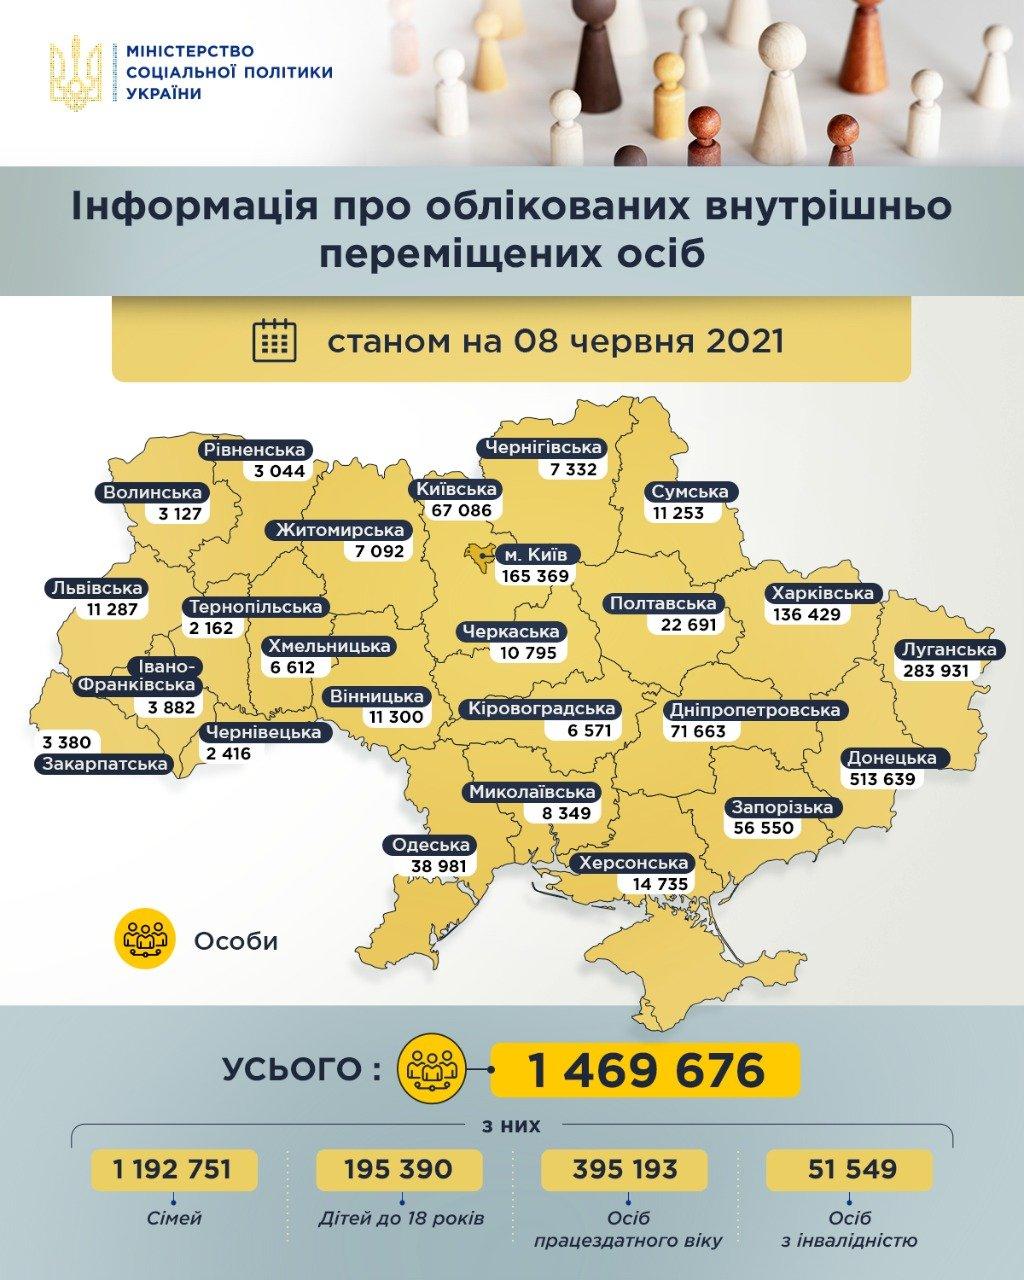 В Украине зарегистрировано 1 млн 469 тыс. переселенцев, фото-1